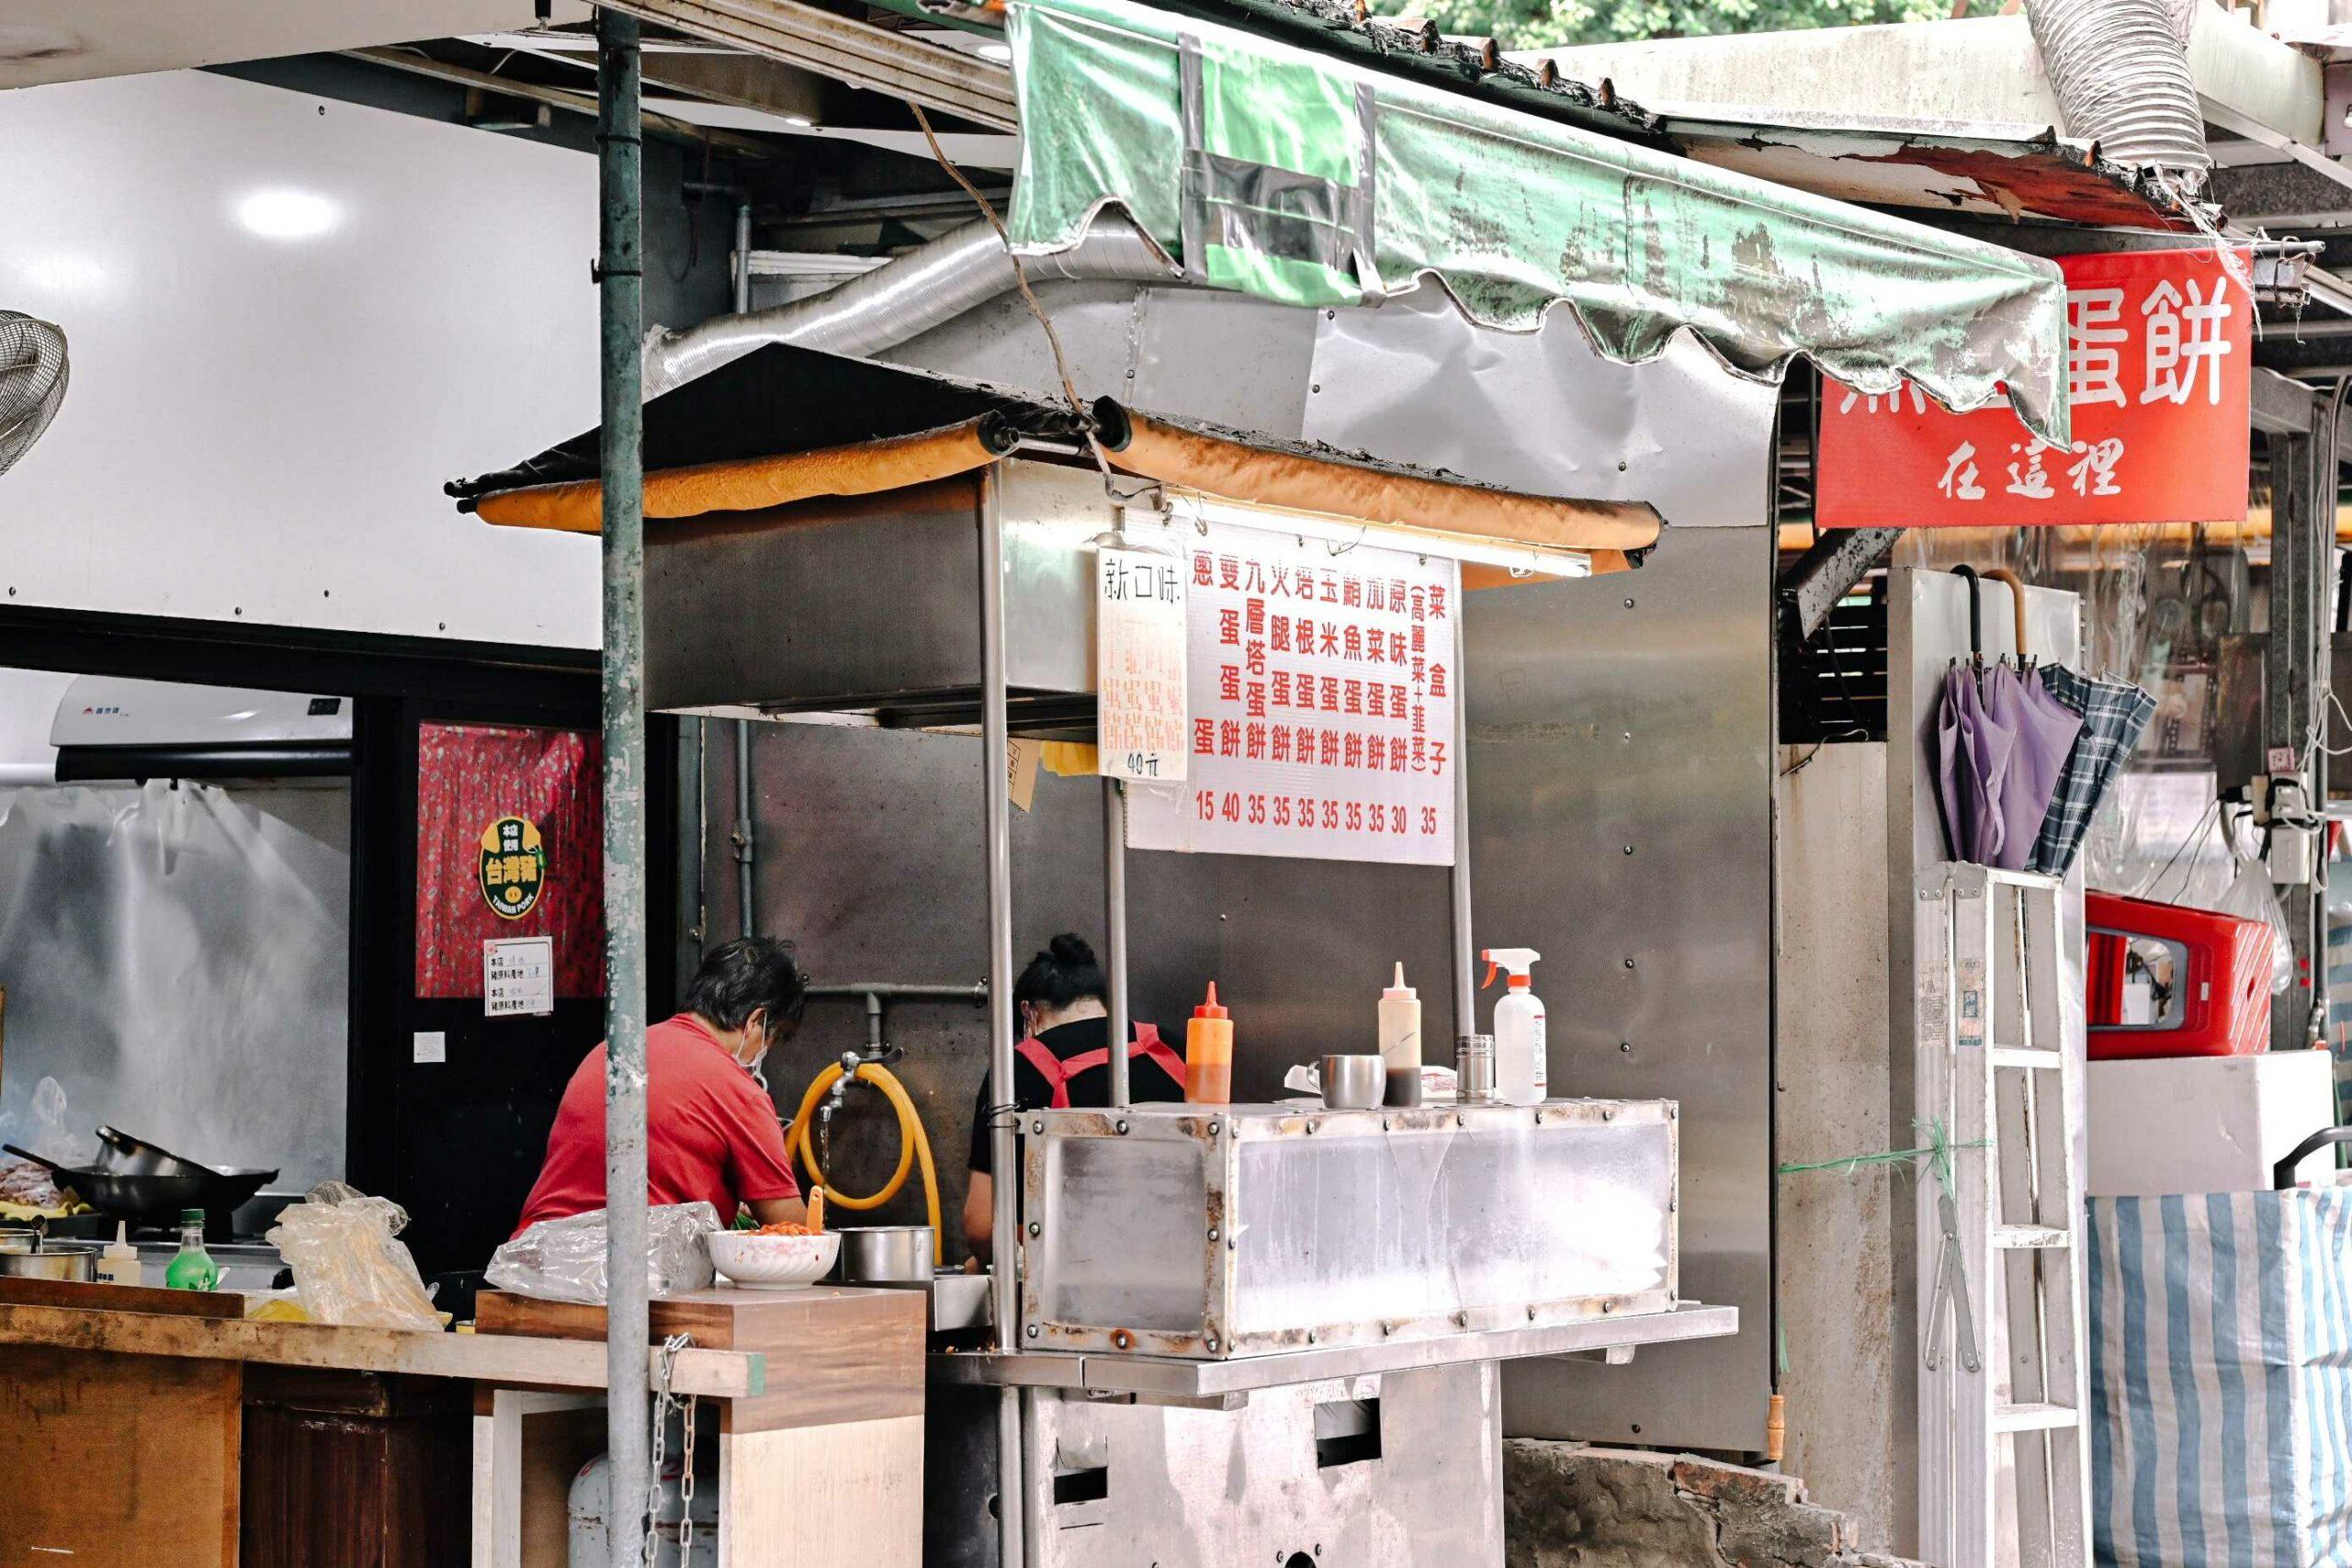 南機場無名蛋餅:在地排隊美食無名蛋餅,高CP值銅板美食小吃/萬華美食 @女子的休假計劃